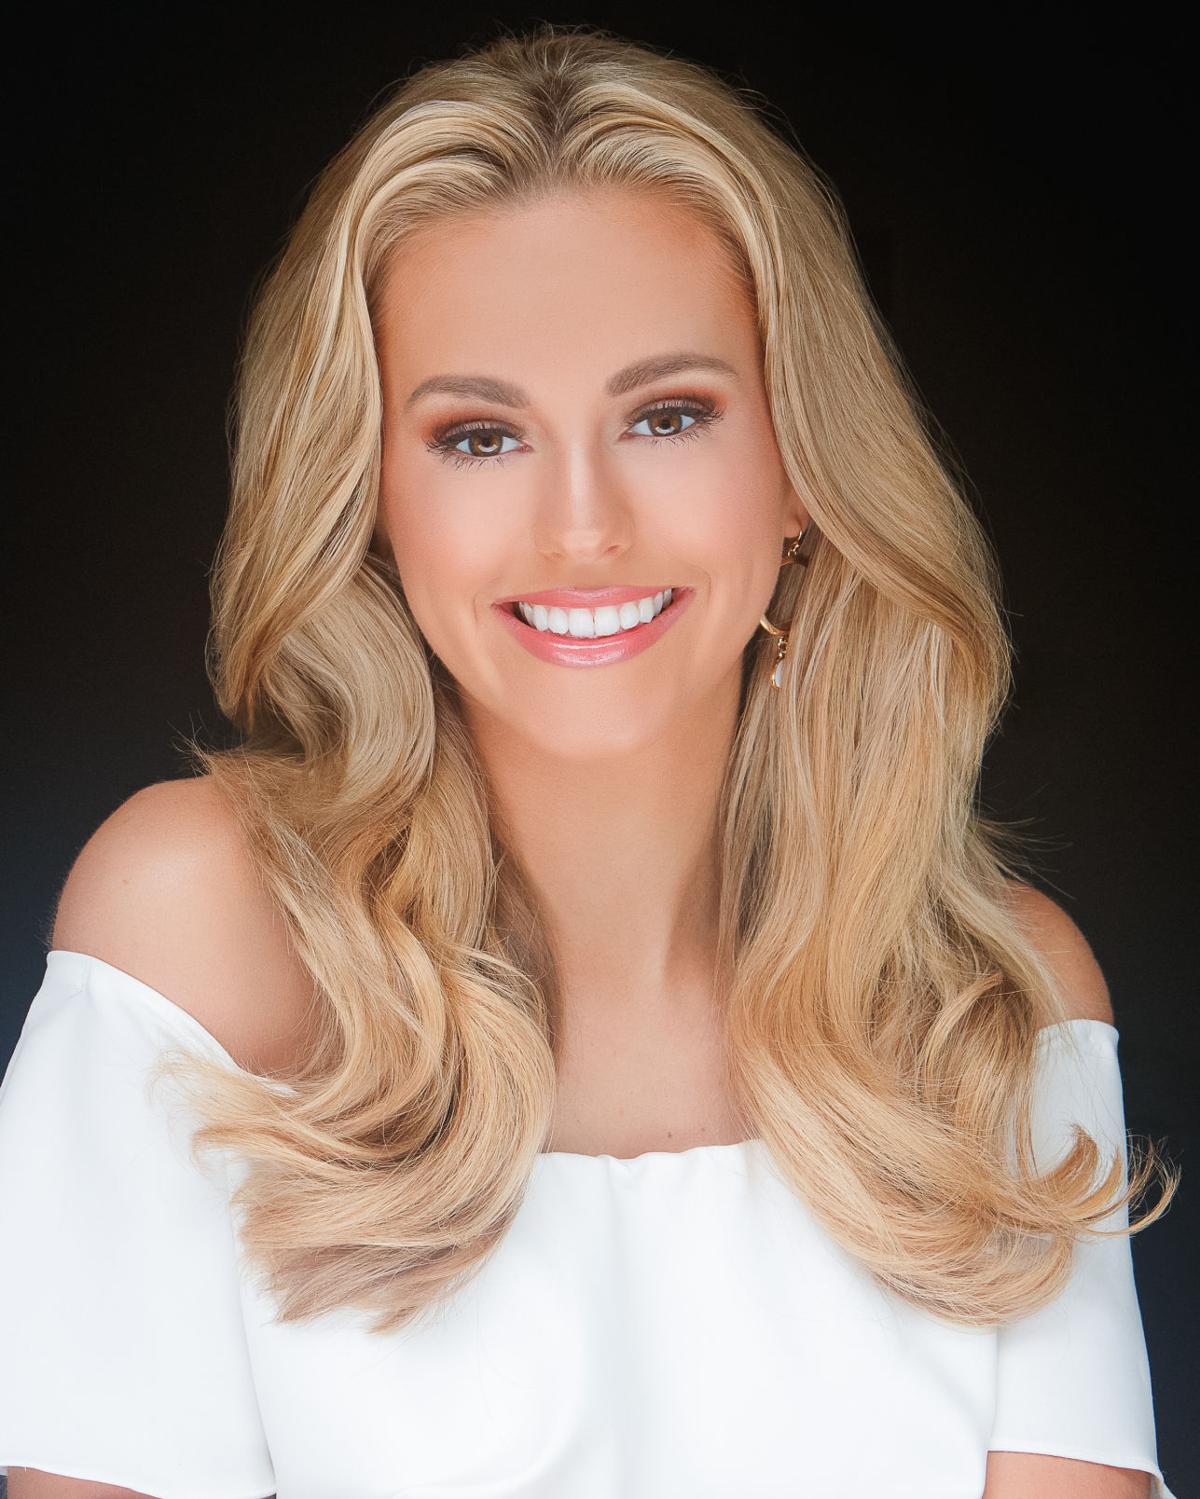 Miss Ohio 2017 Sarah Clapper